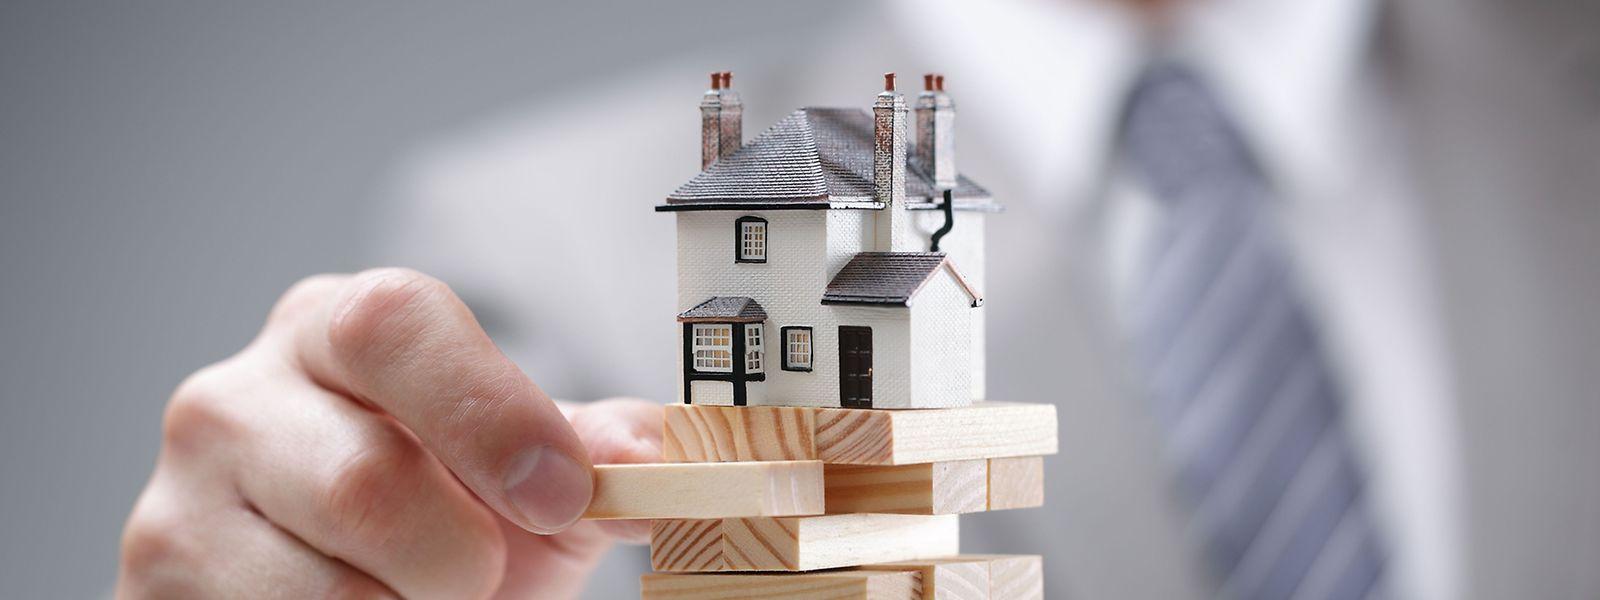 Der Markt für Wohnimmobilien drohe zu überhitzen, heißt es in einem Bericht, der Ende November vorgestellt wurde.